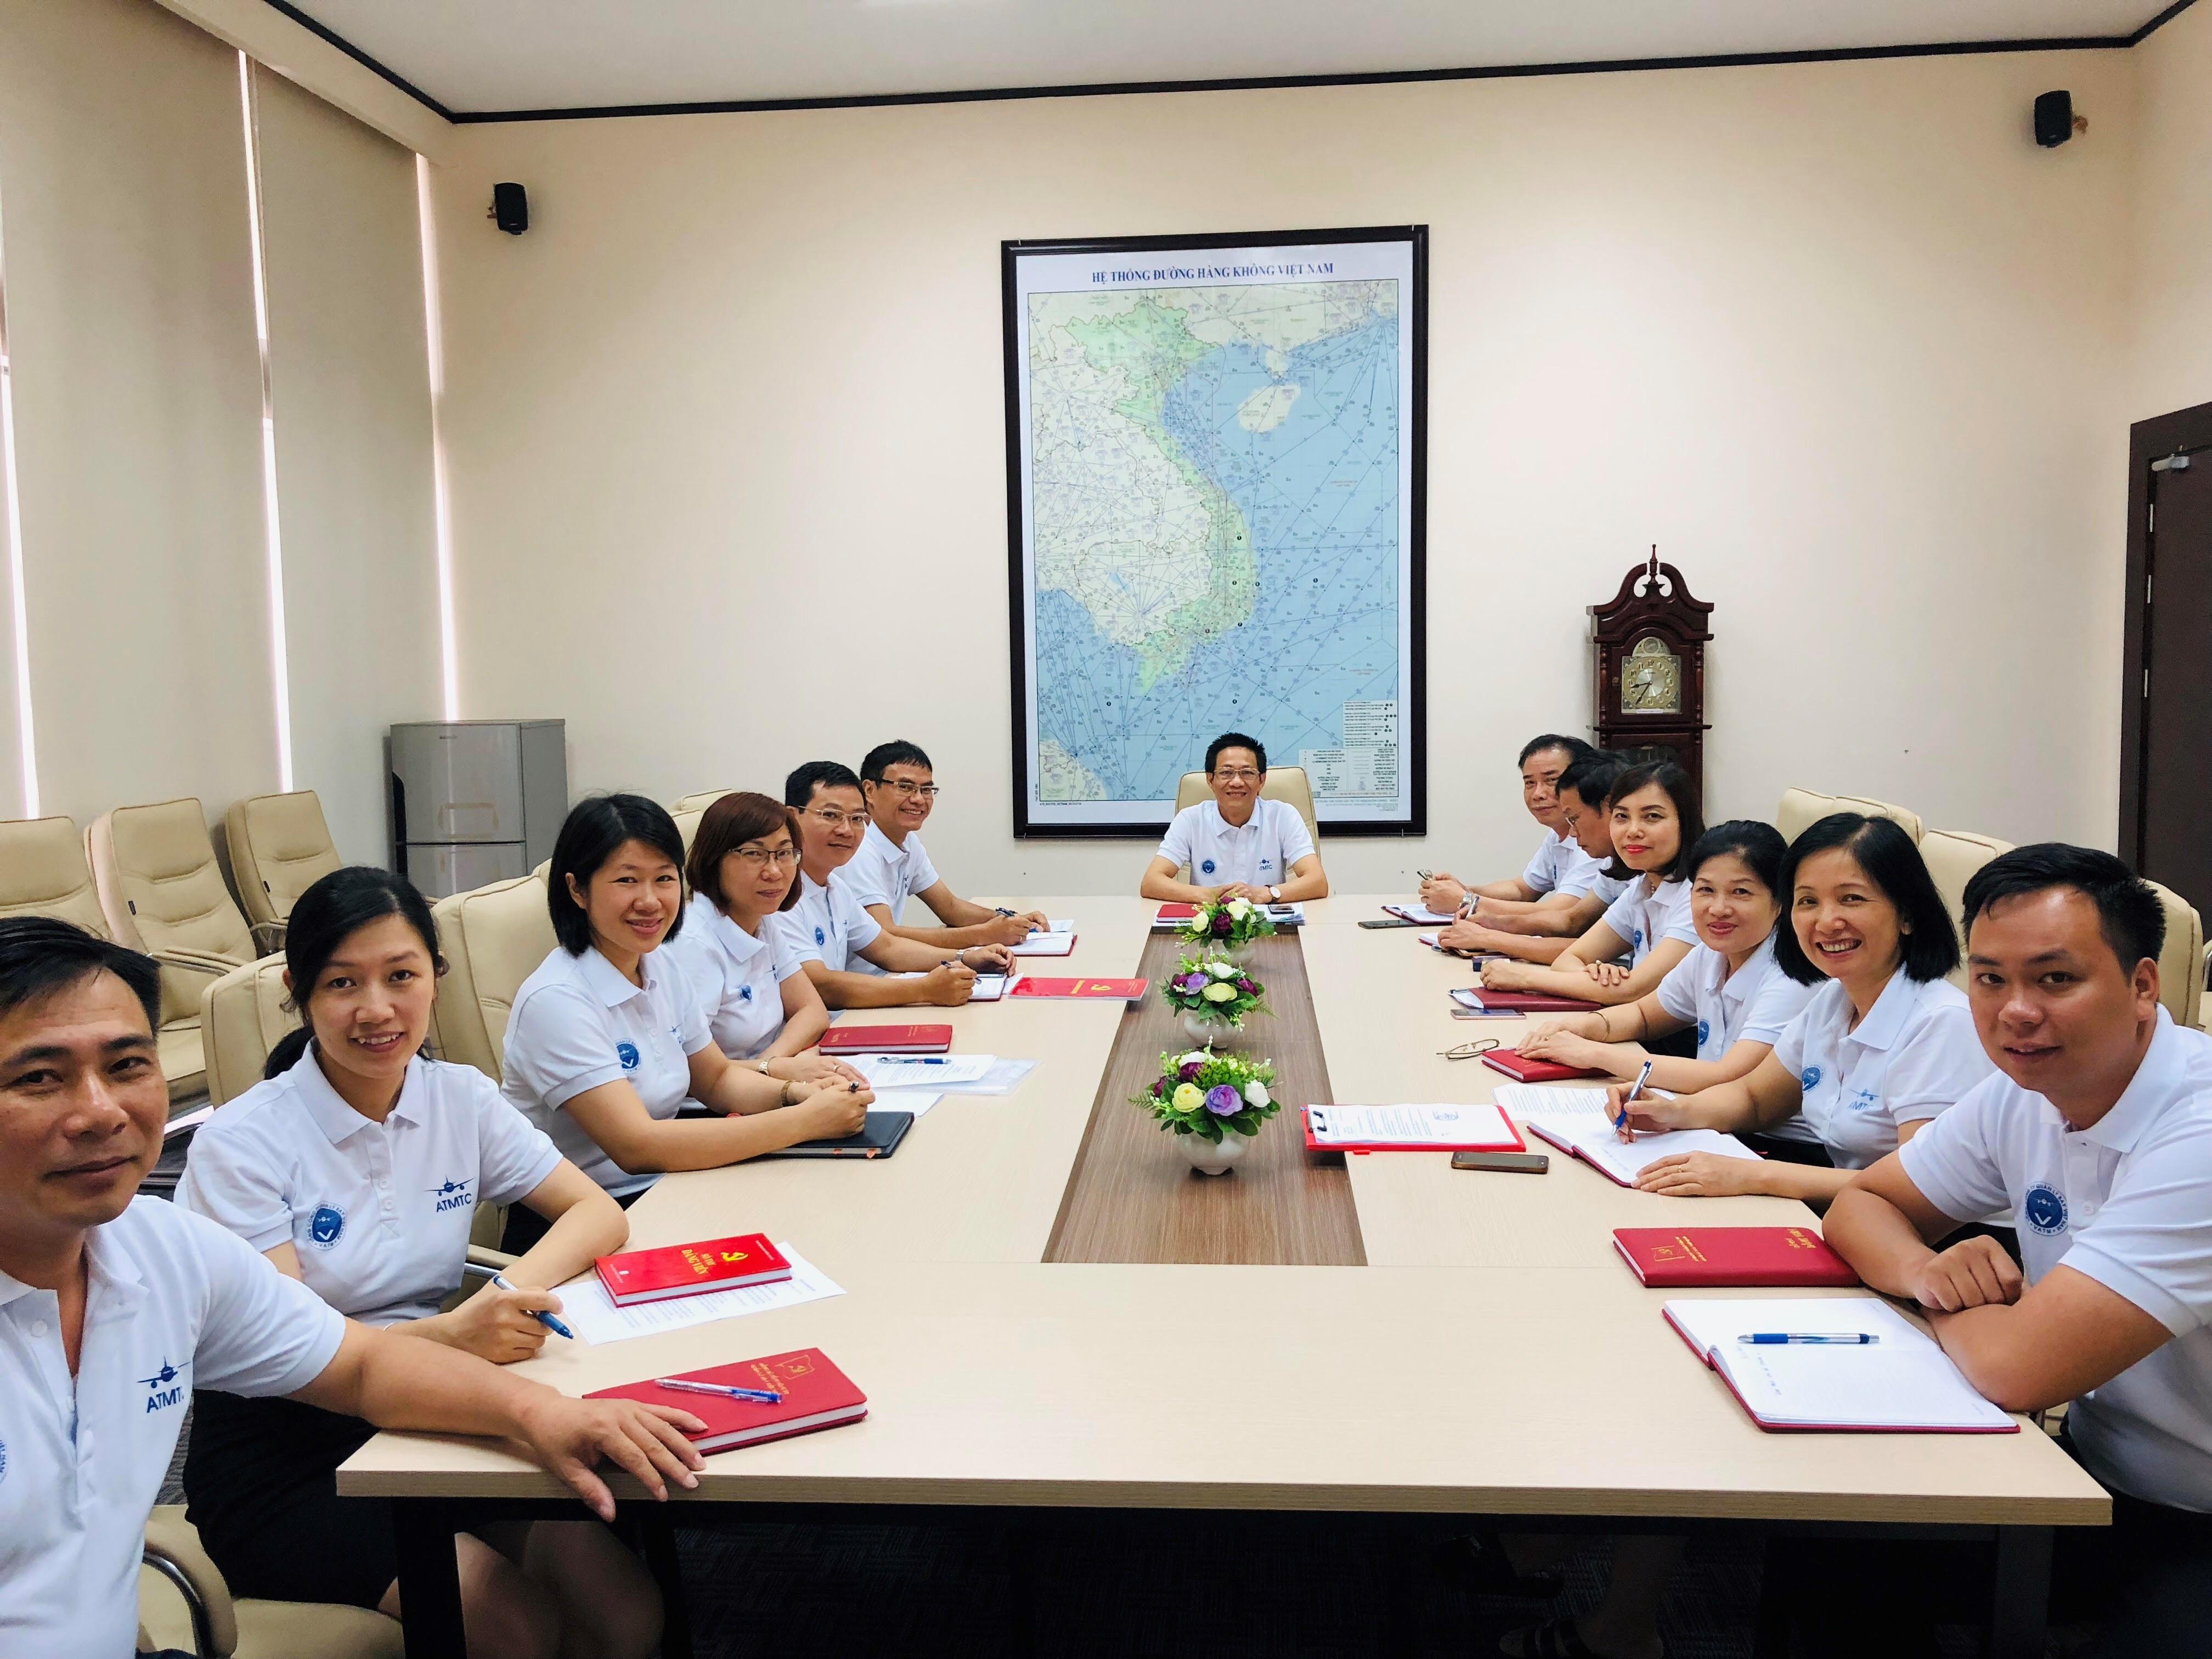 Trung tâm Đào tạo - Huấn luyện nghiệp vụ Quản lý bay tập trung mọi nguồn lực để triển khai, thực hiện kế hoạch năm 2019